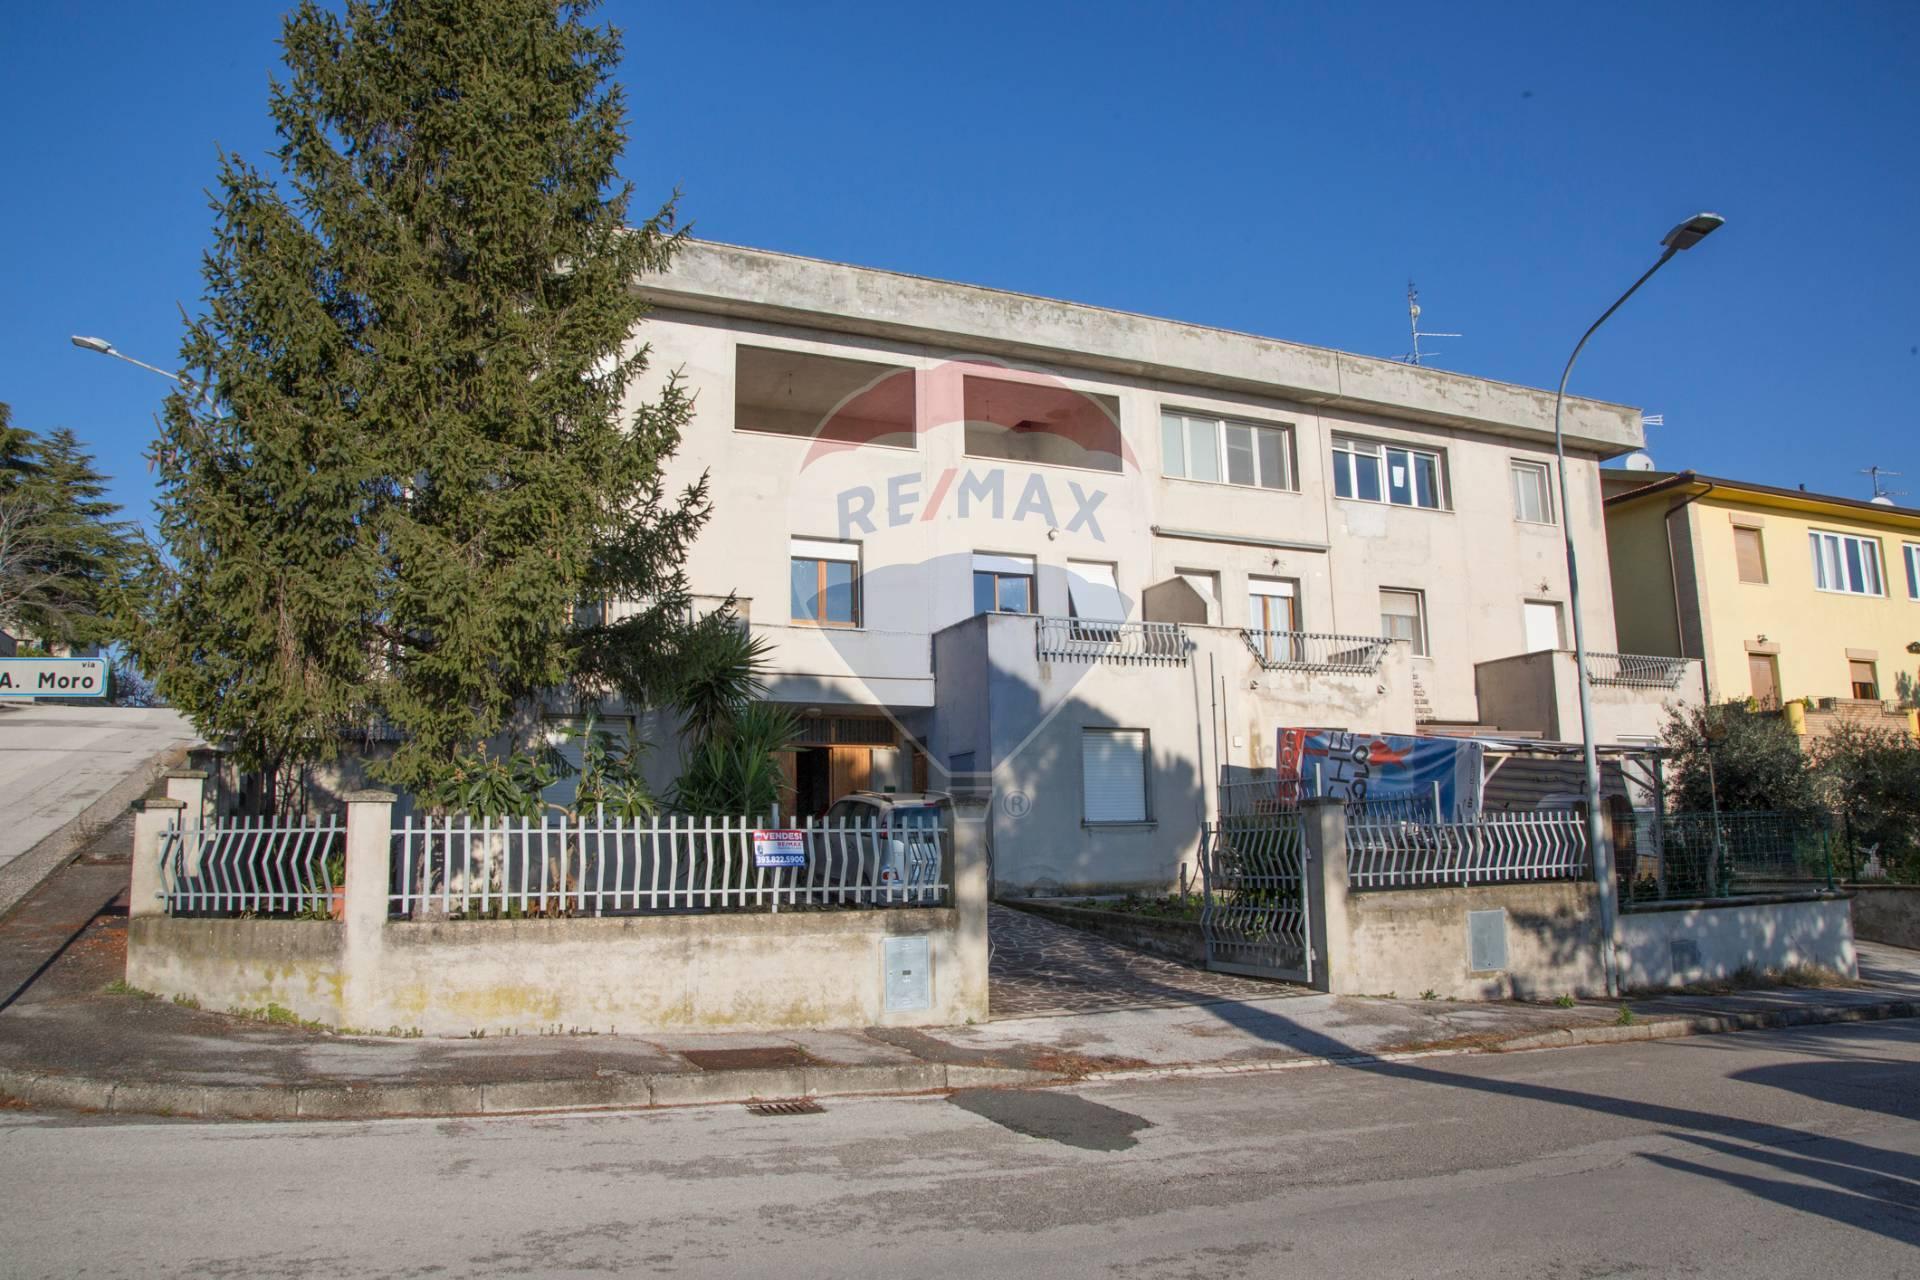 Appartamento in vendita a Santa Maria Nuova, 4 locali, prezzo € 126.000 | CambioCasa.it